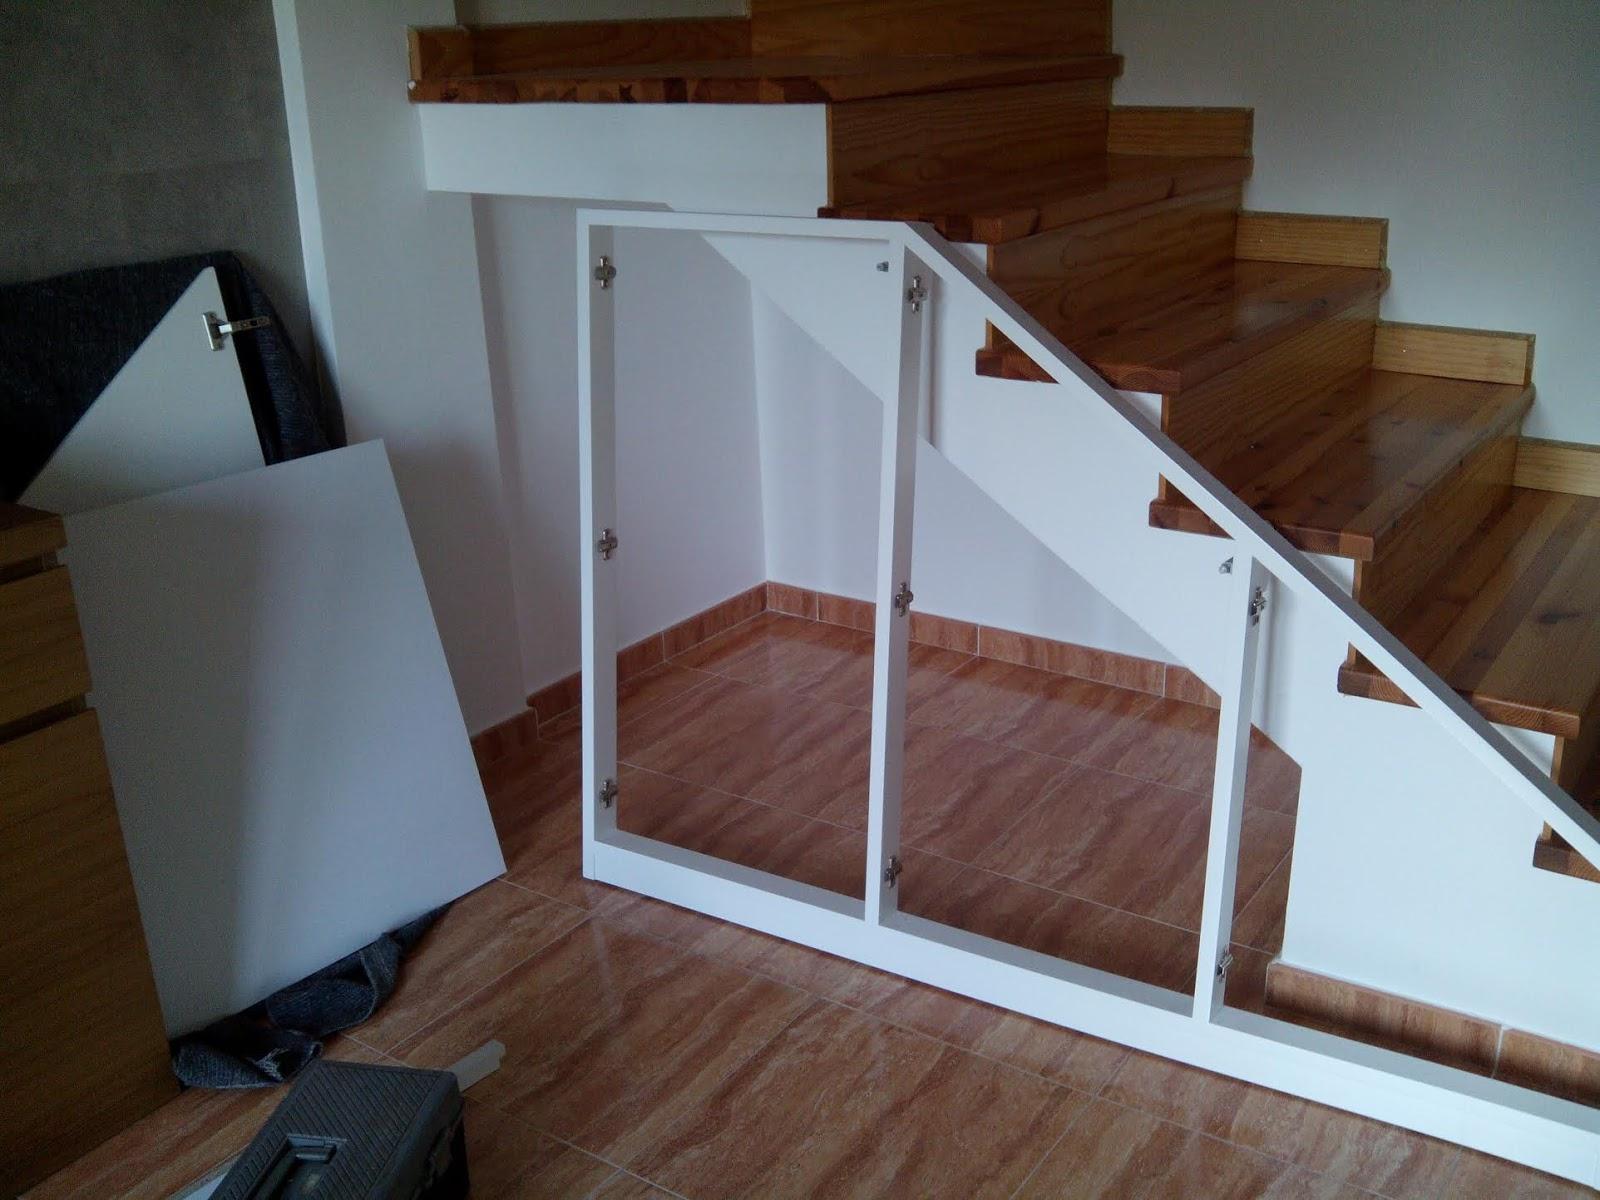 Marco con puertas bajo escalera muebles cansado for Muebles de madera para debajo de la escalera